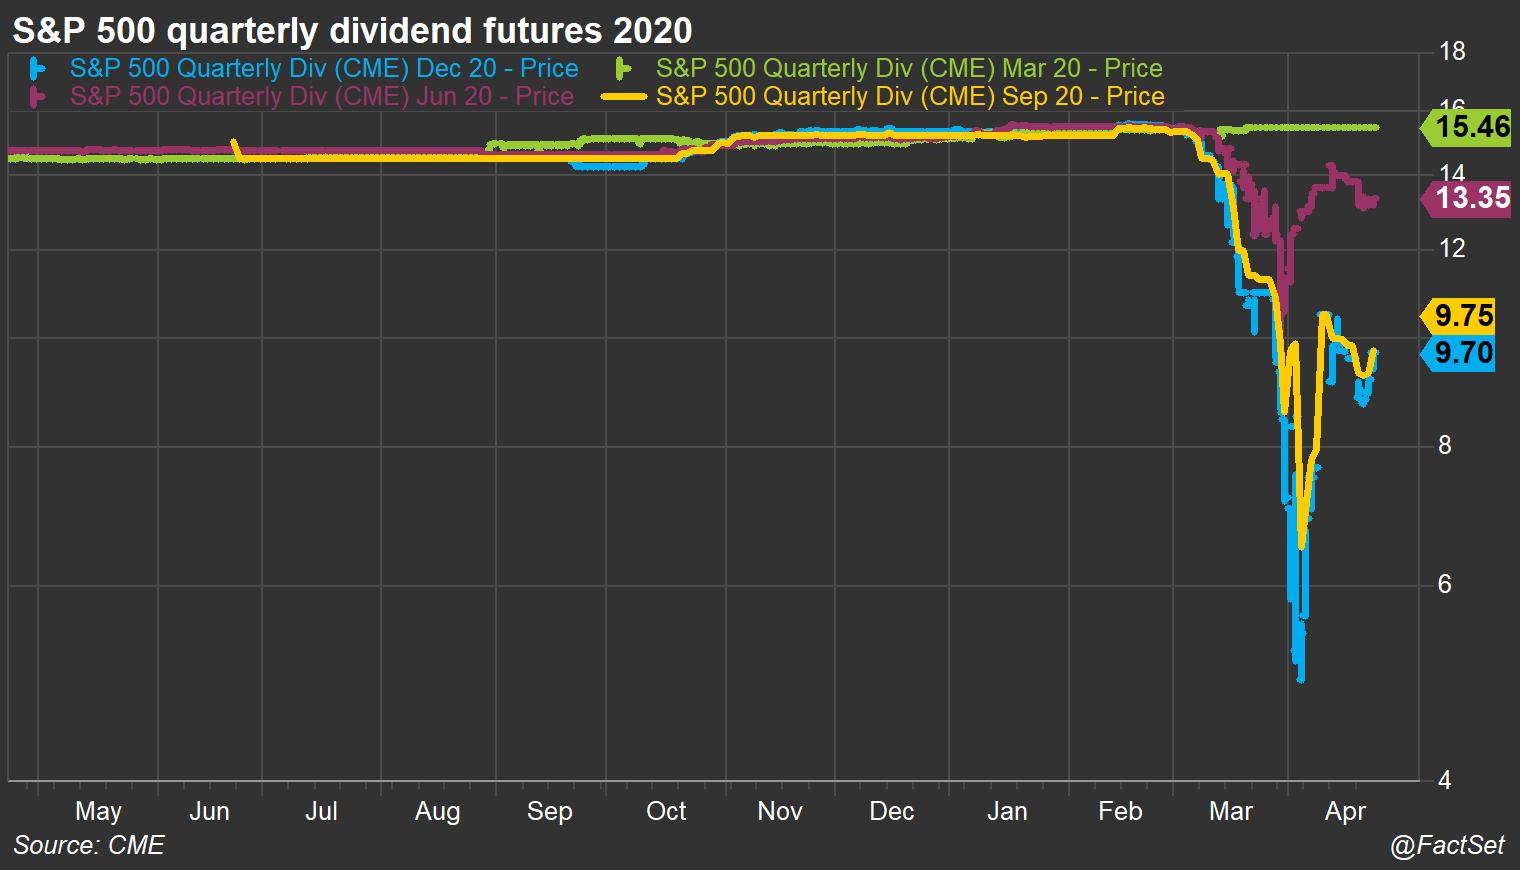 Dividend Futures